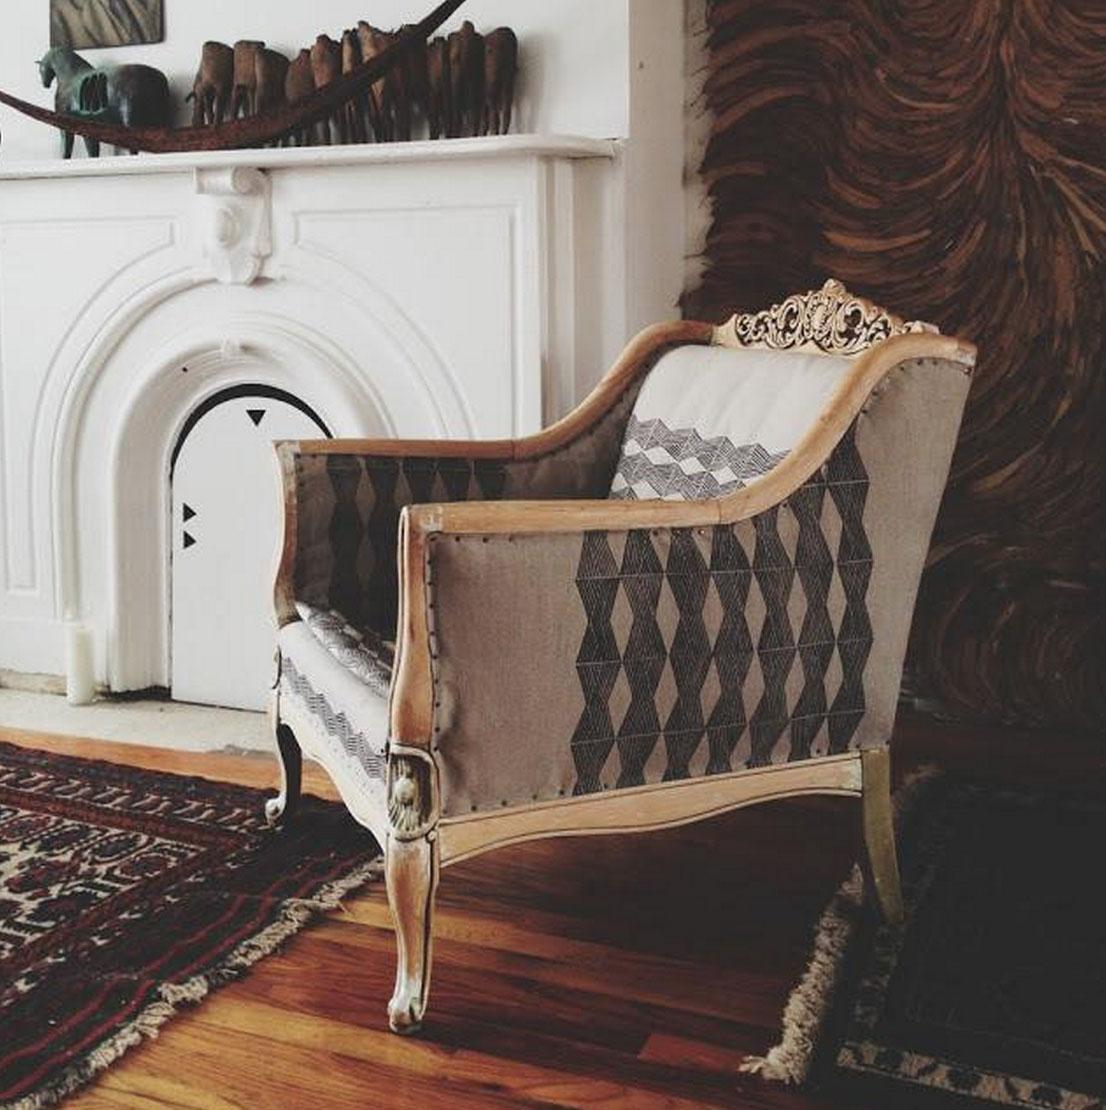 Фото ariel в кресле 3 фотография